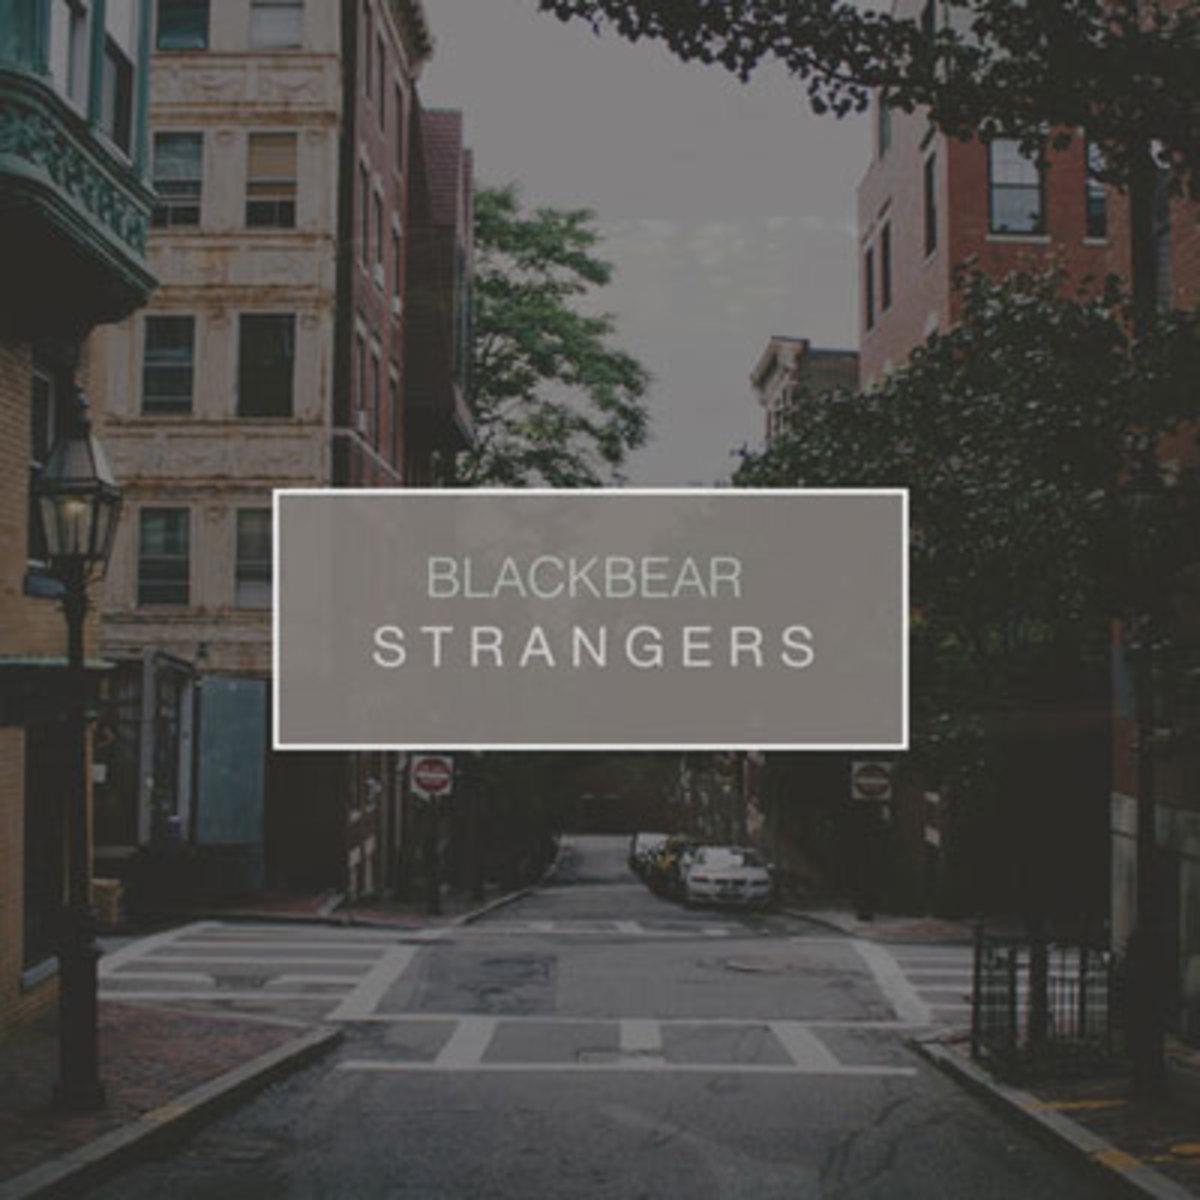 blackbear-strangers.jpg